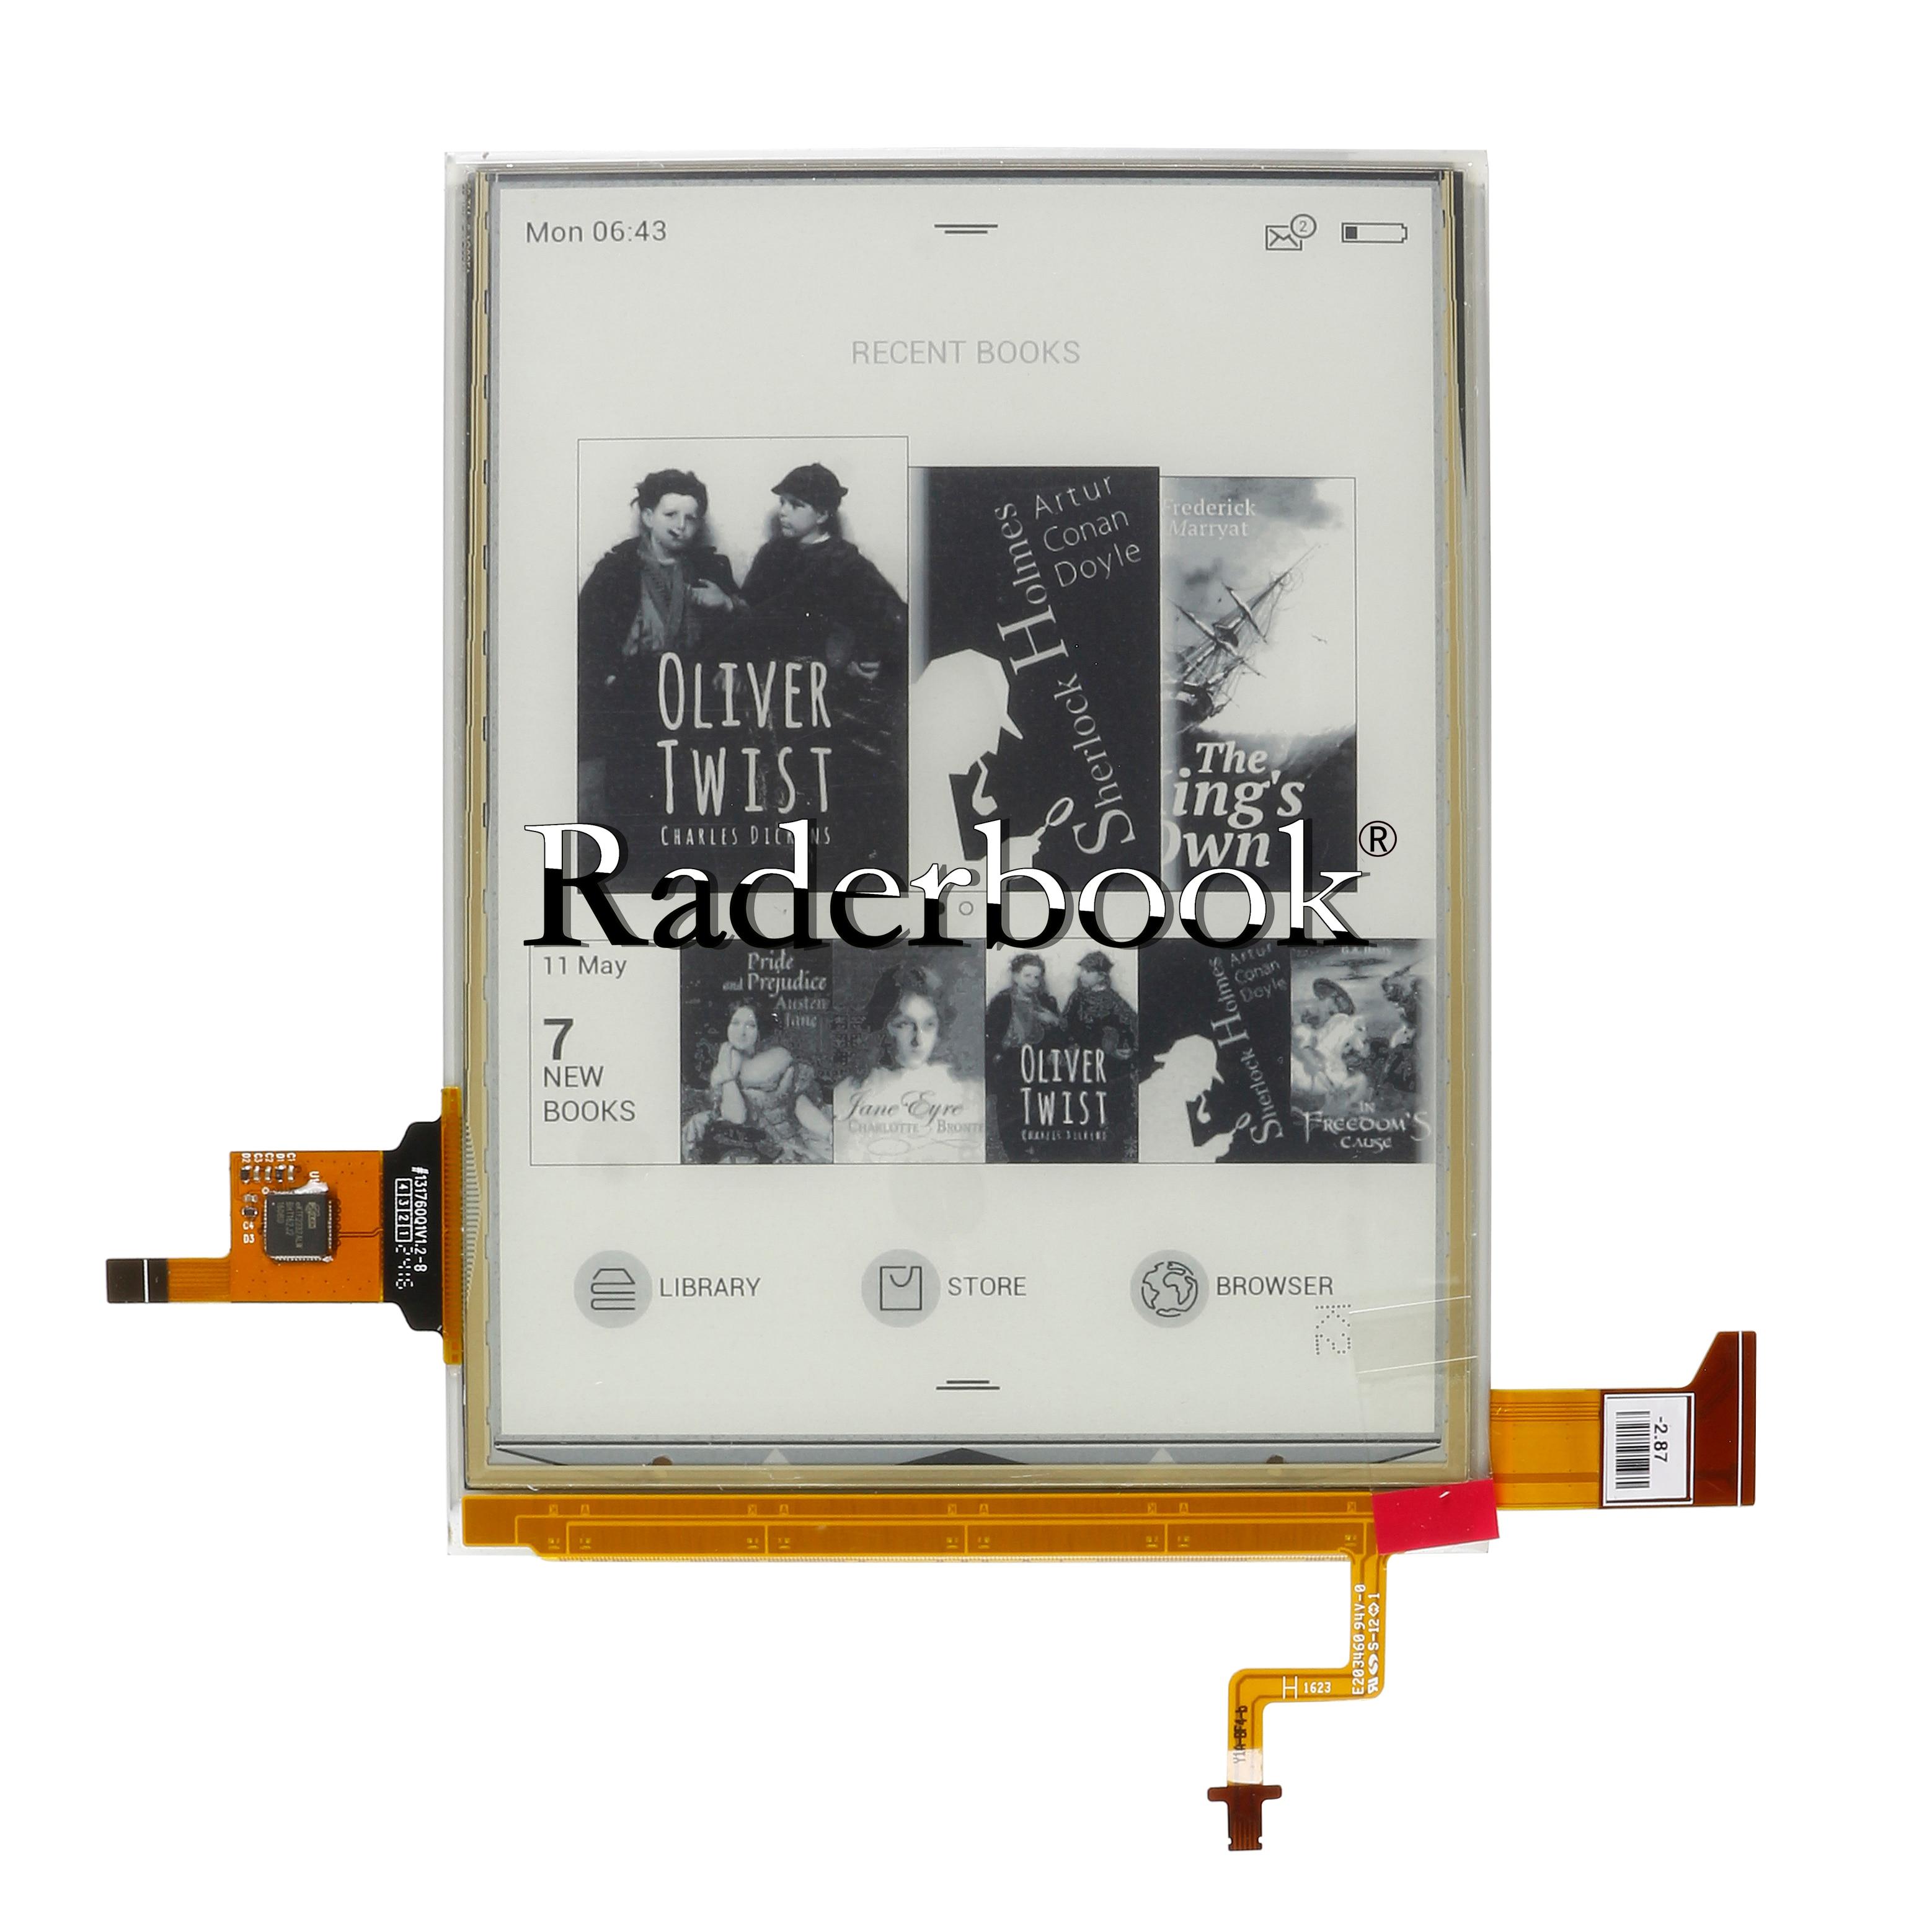 Panel táctil y pantalla lcd de 6 pulgadas ED060XH7, para ONYX BOOX, Vasco da Gama, con retroiluminación, Eink para ONYX BOOX, Vasco da Gama